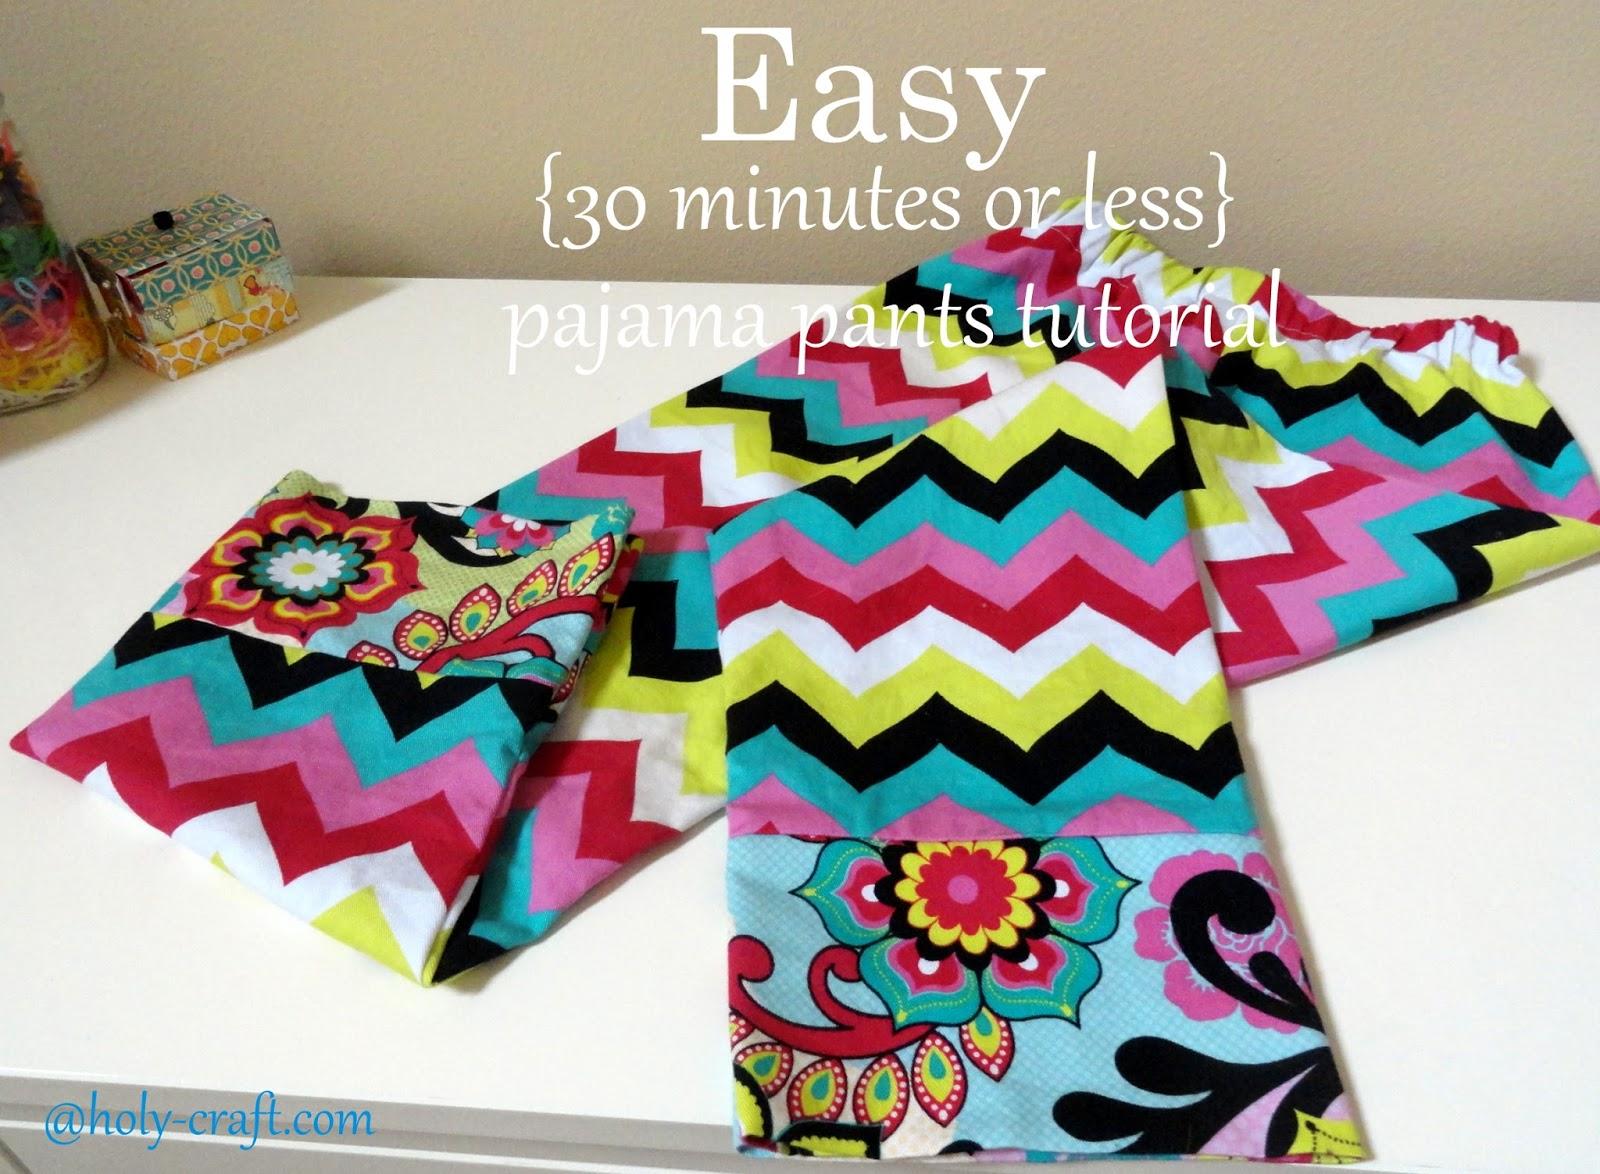 http://3.bp.blogspot.com/-LaVcAB1kaa8/Uwqm4A9bptI/AAAAAAAAXn8/fDUhDQaRp0s/s1600/pajama+pants+tutorial+final.jpg